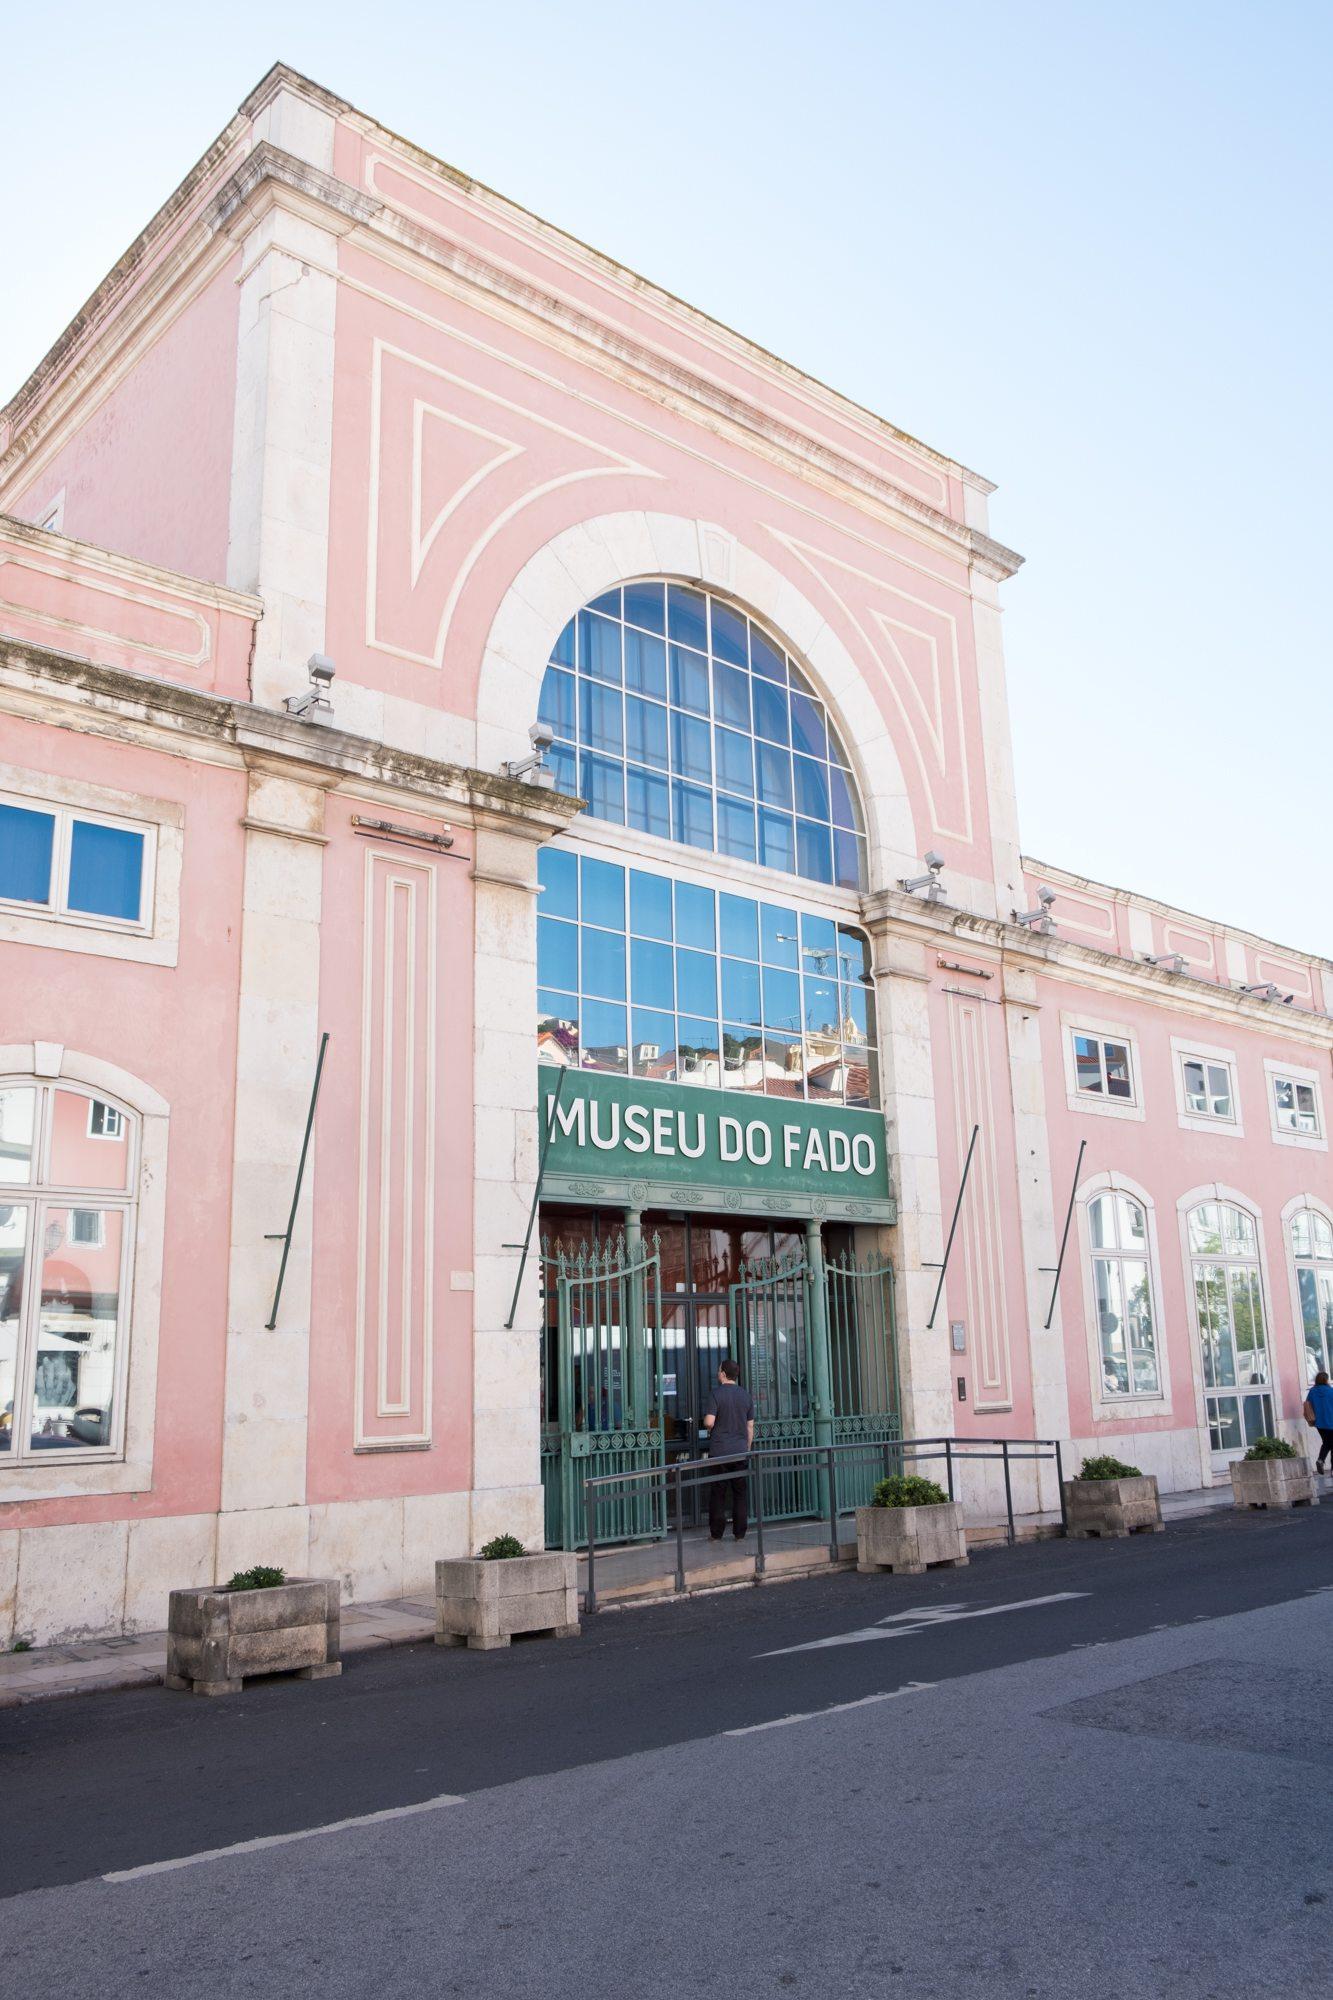 Museo do Fado - roze museum Lissabon